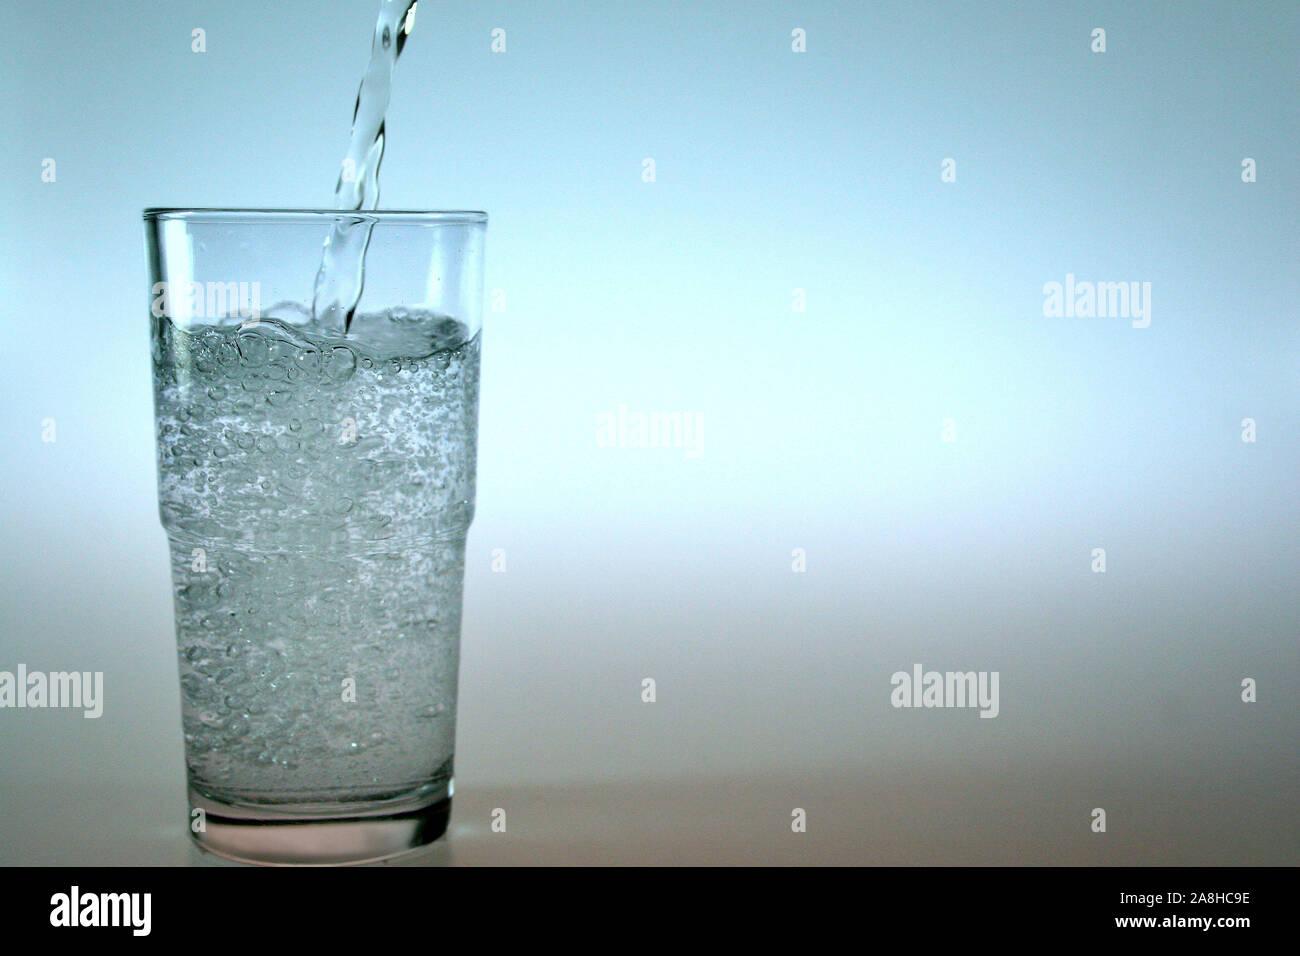 Ein Glas mit Wasser, Stock Photo